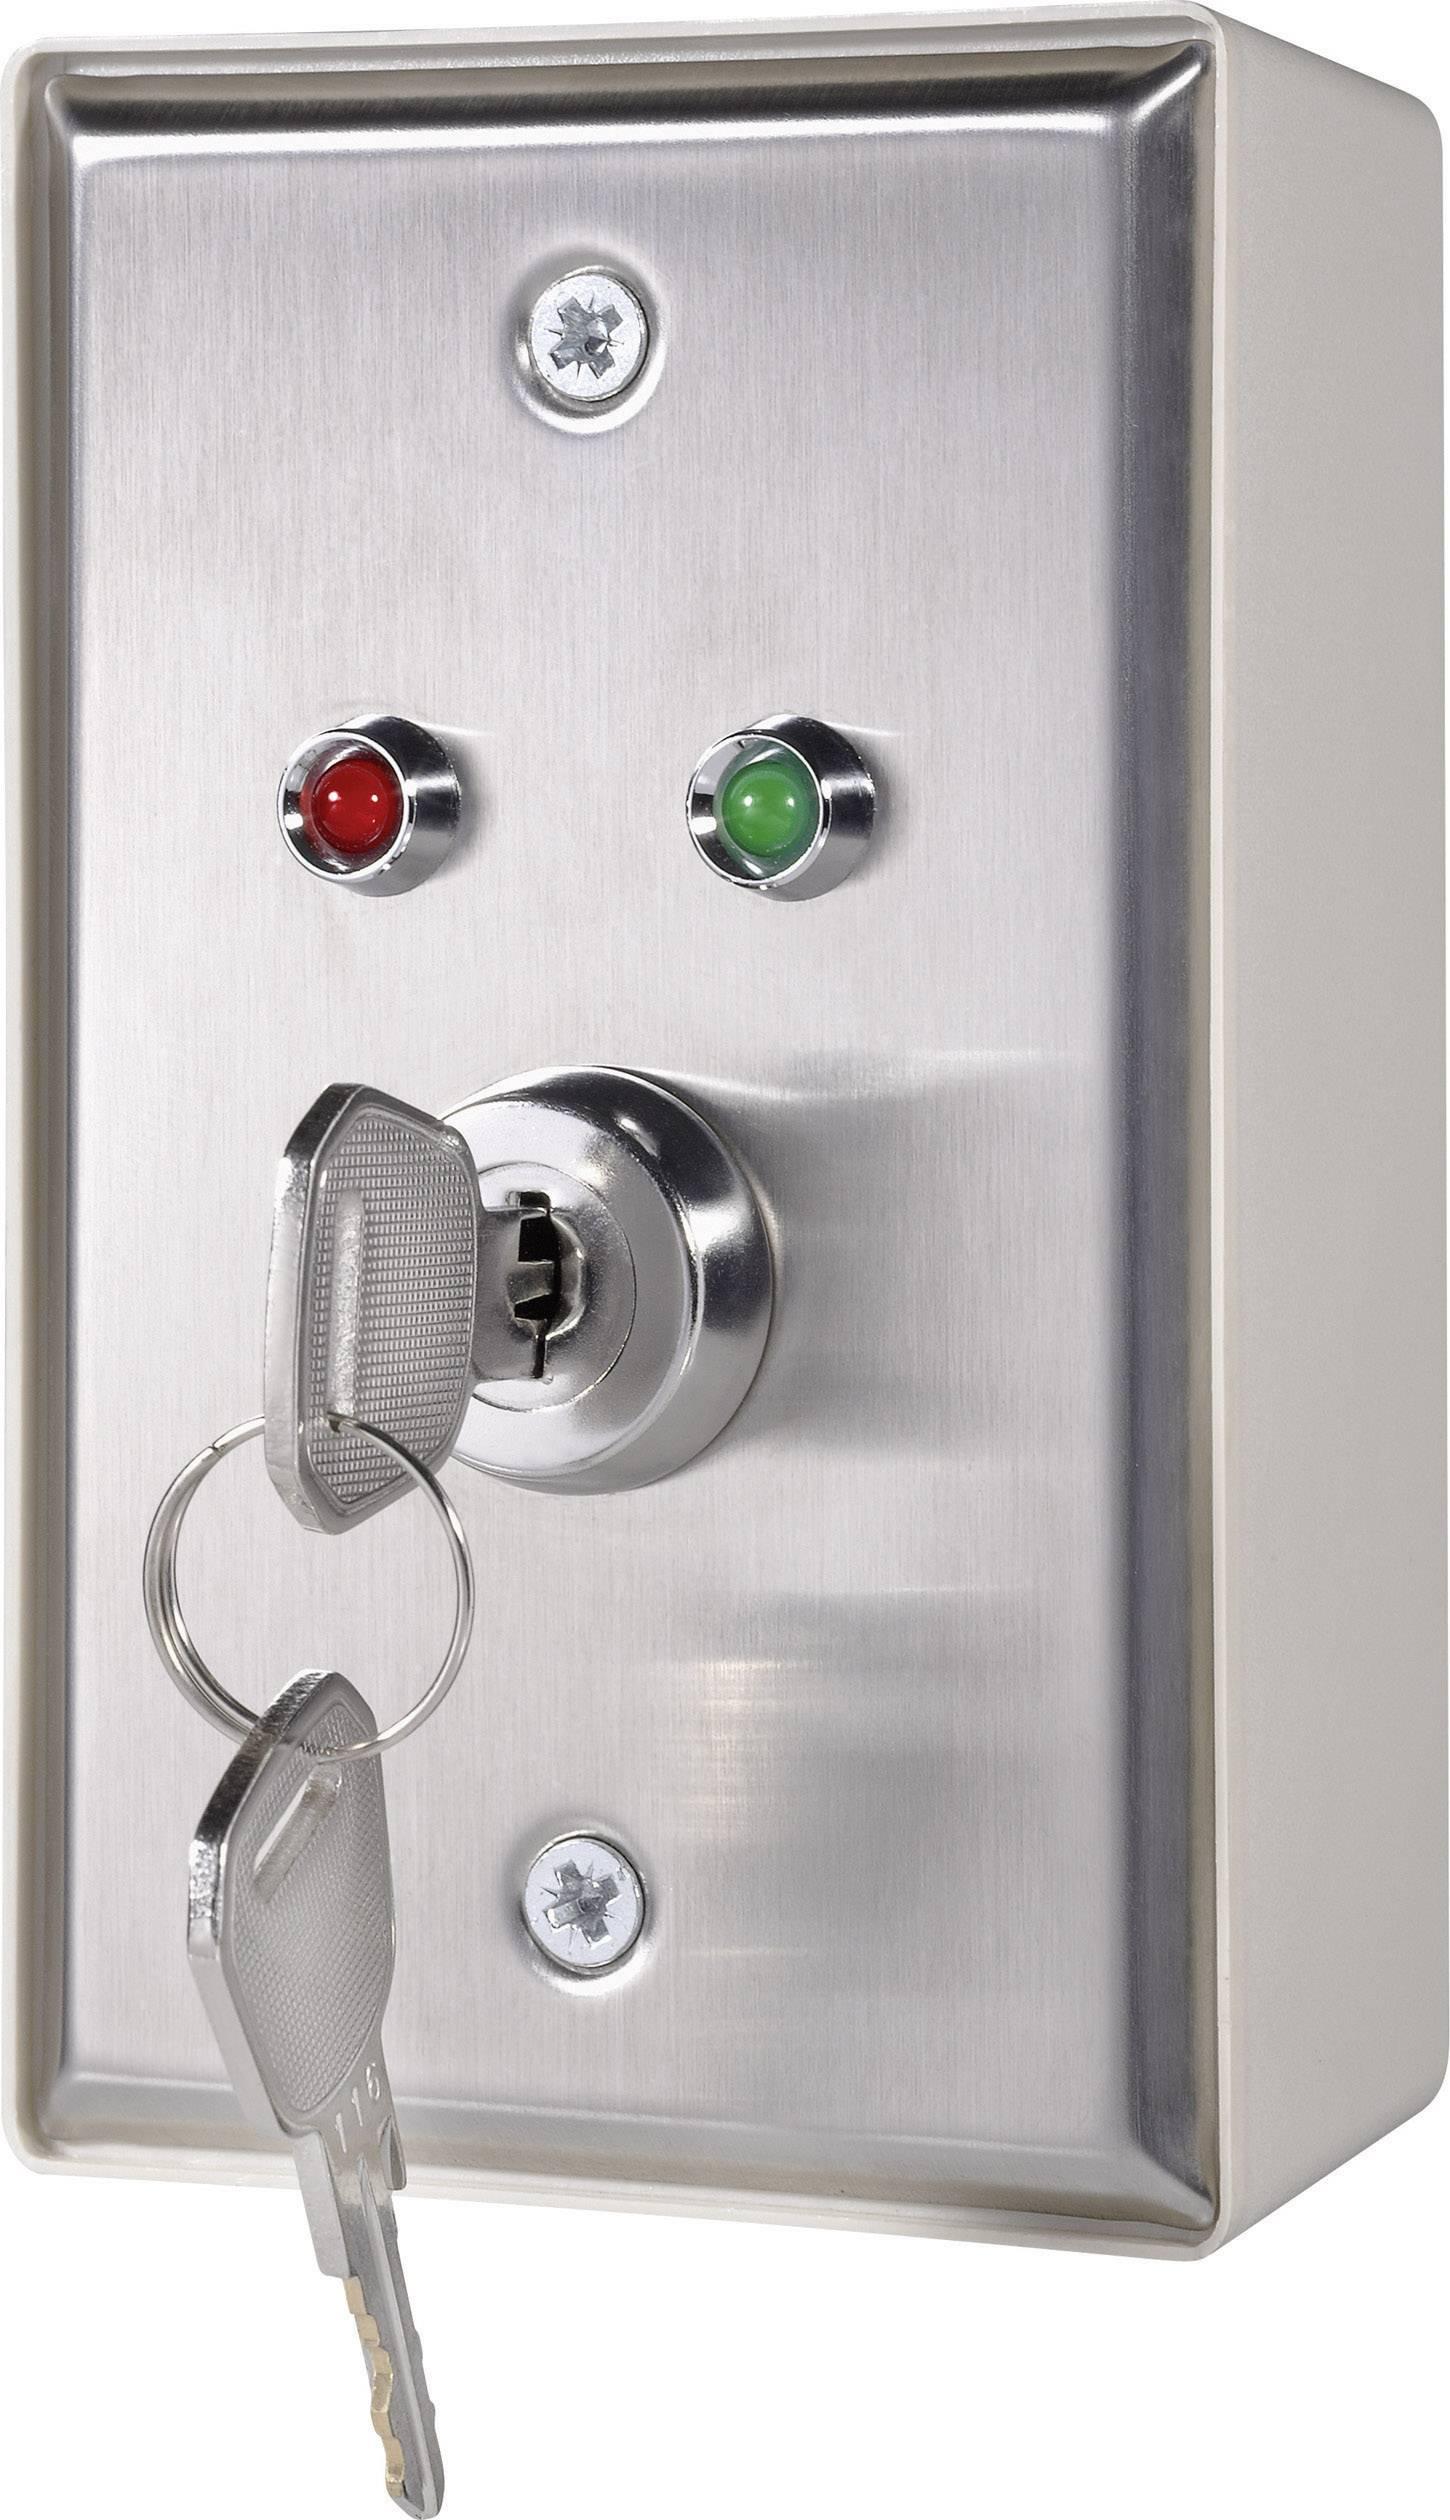 Kľúčový spínač RKS-2M RKS-2M, 35 V/DC, 3 A, 1x vyp/zap, 1 x 90 °, 1 ks